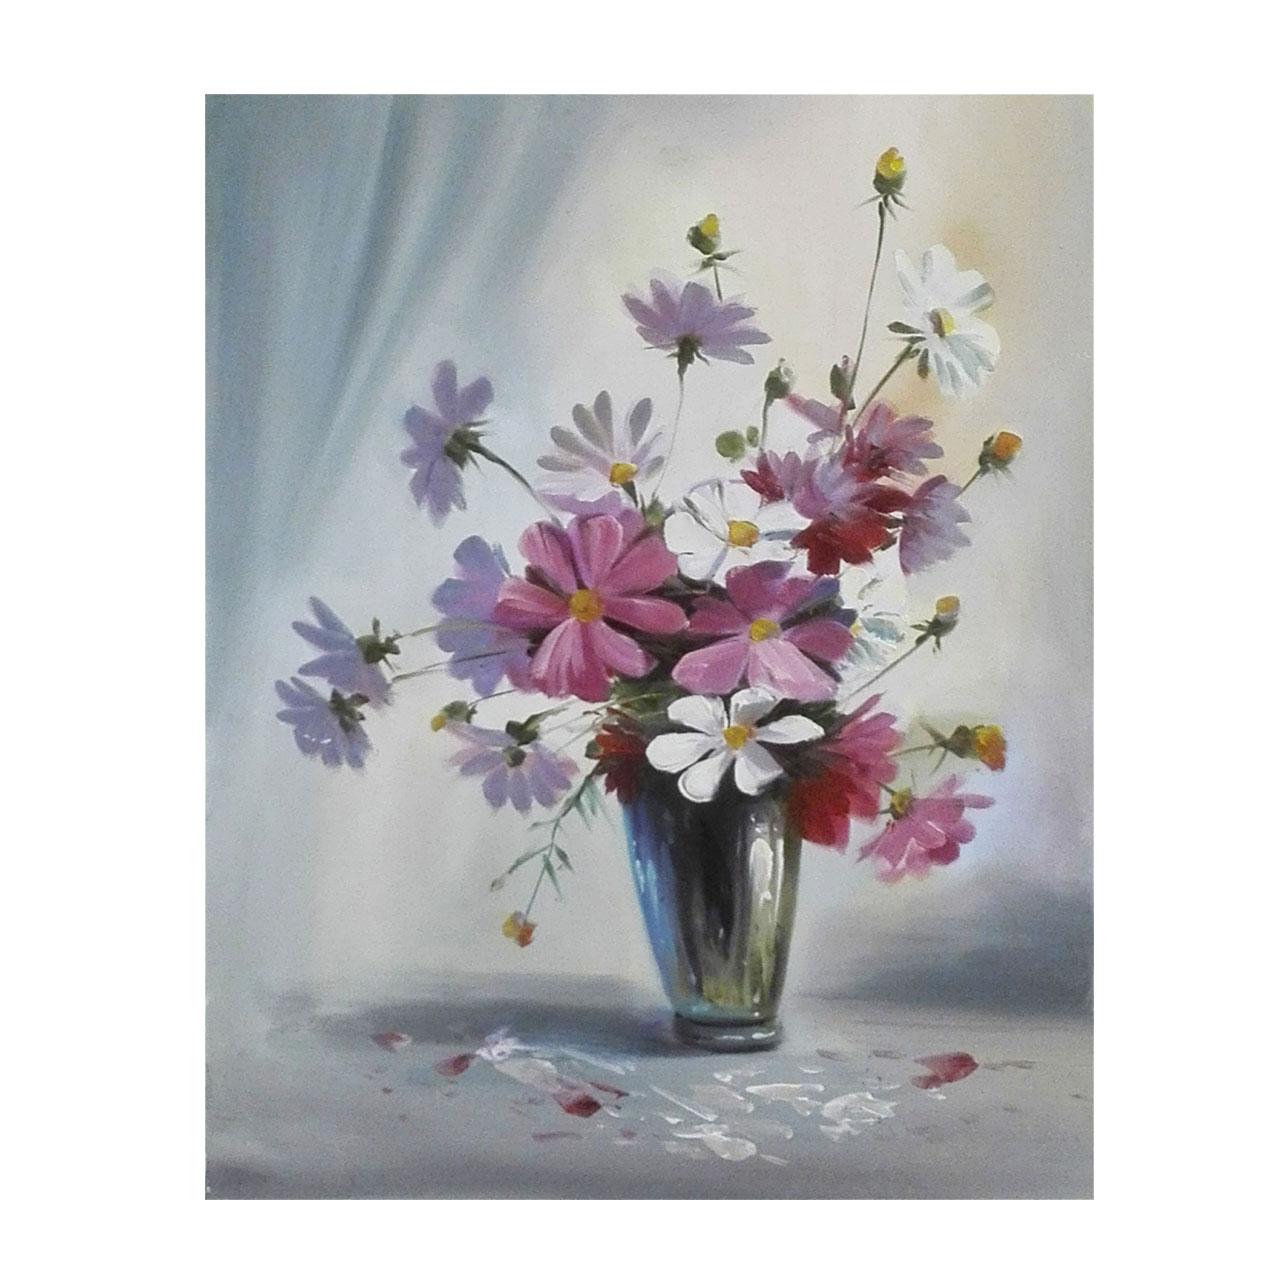 تابلو نقاشی رنگ روغن طرح گل مدل 3002